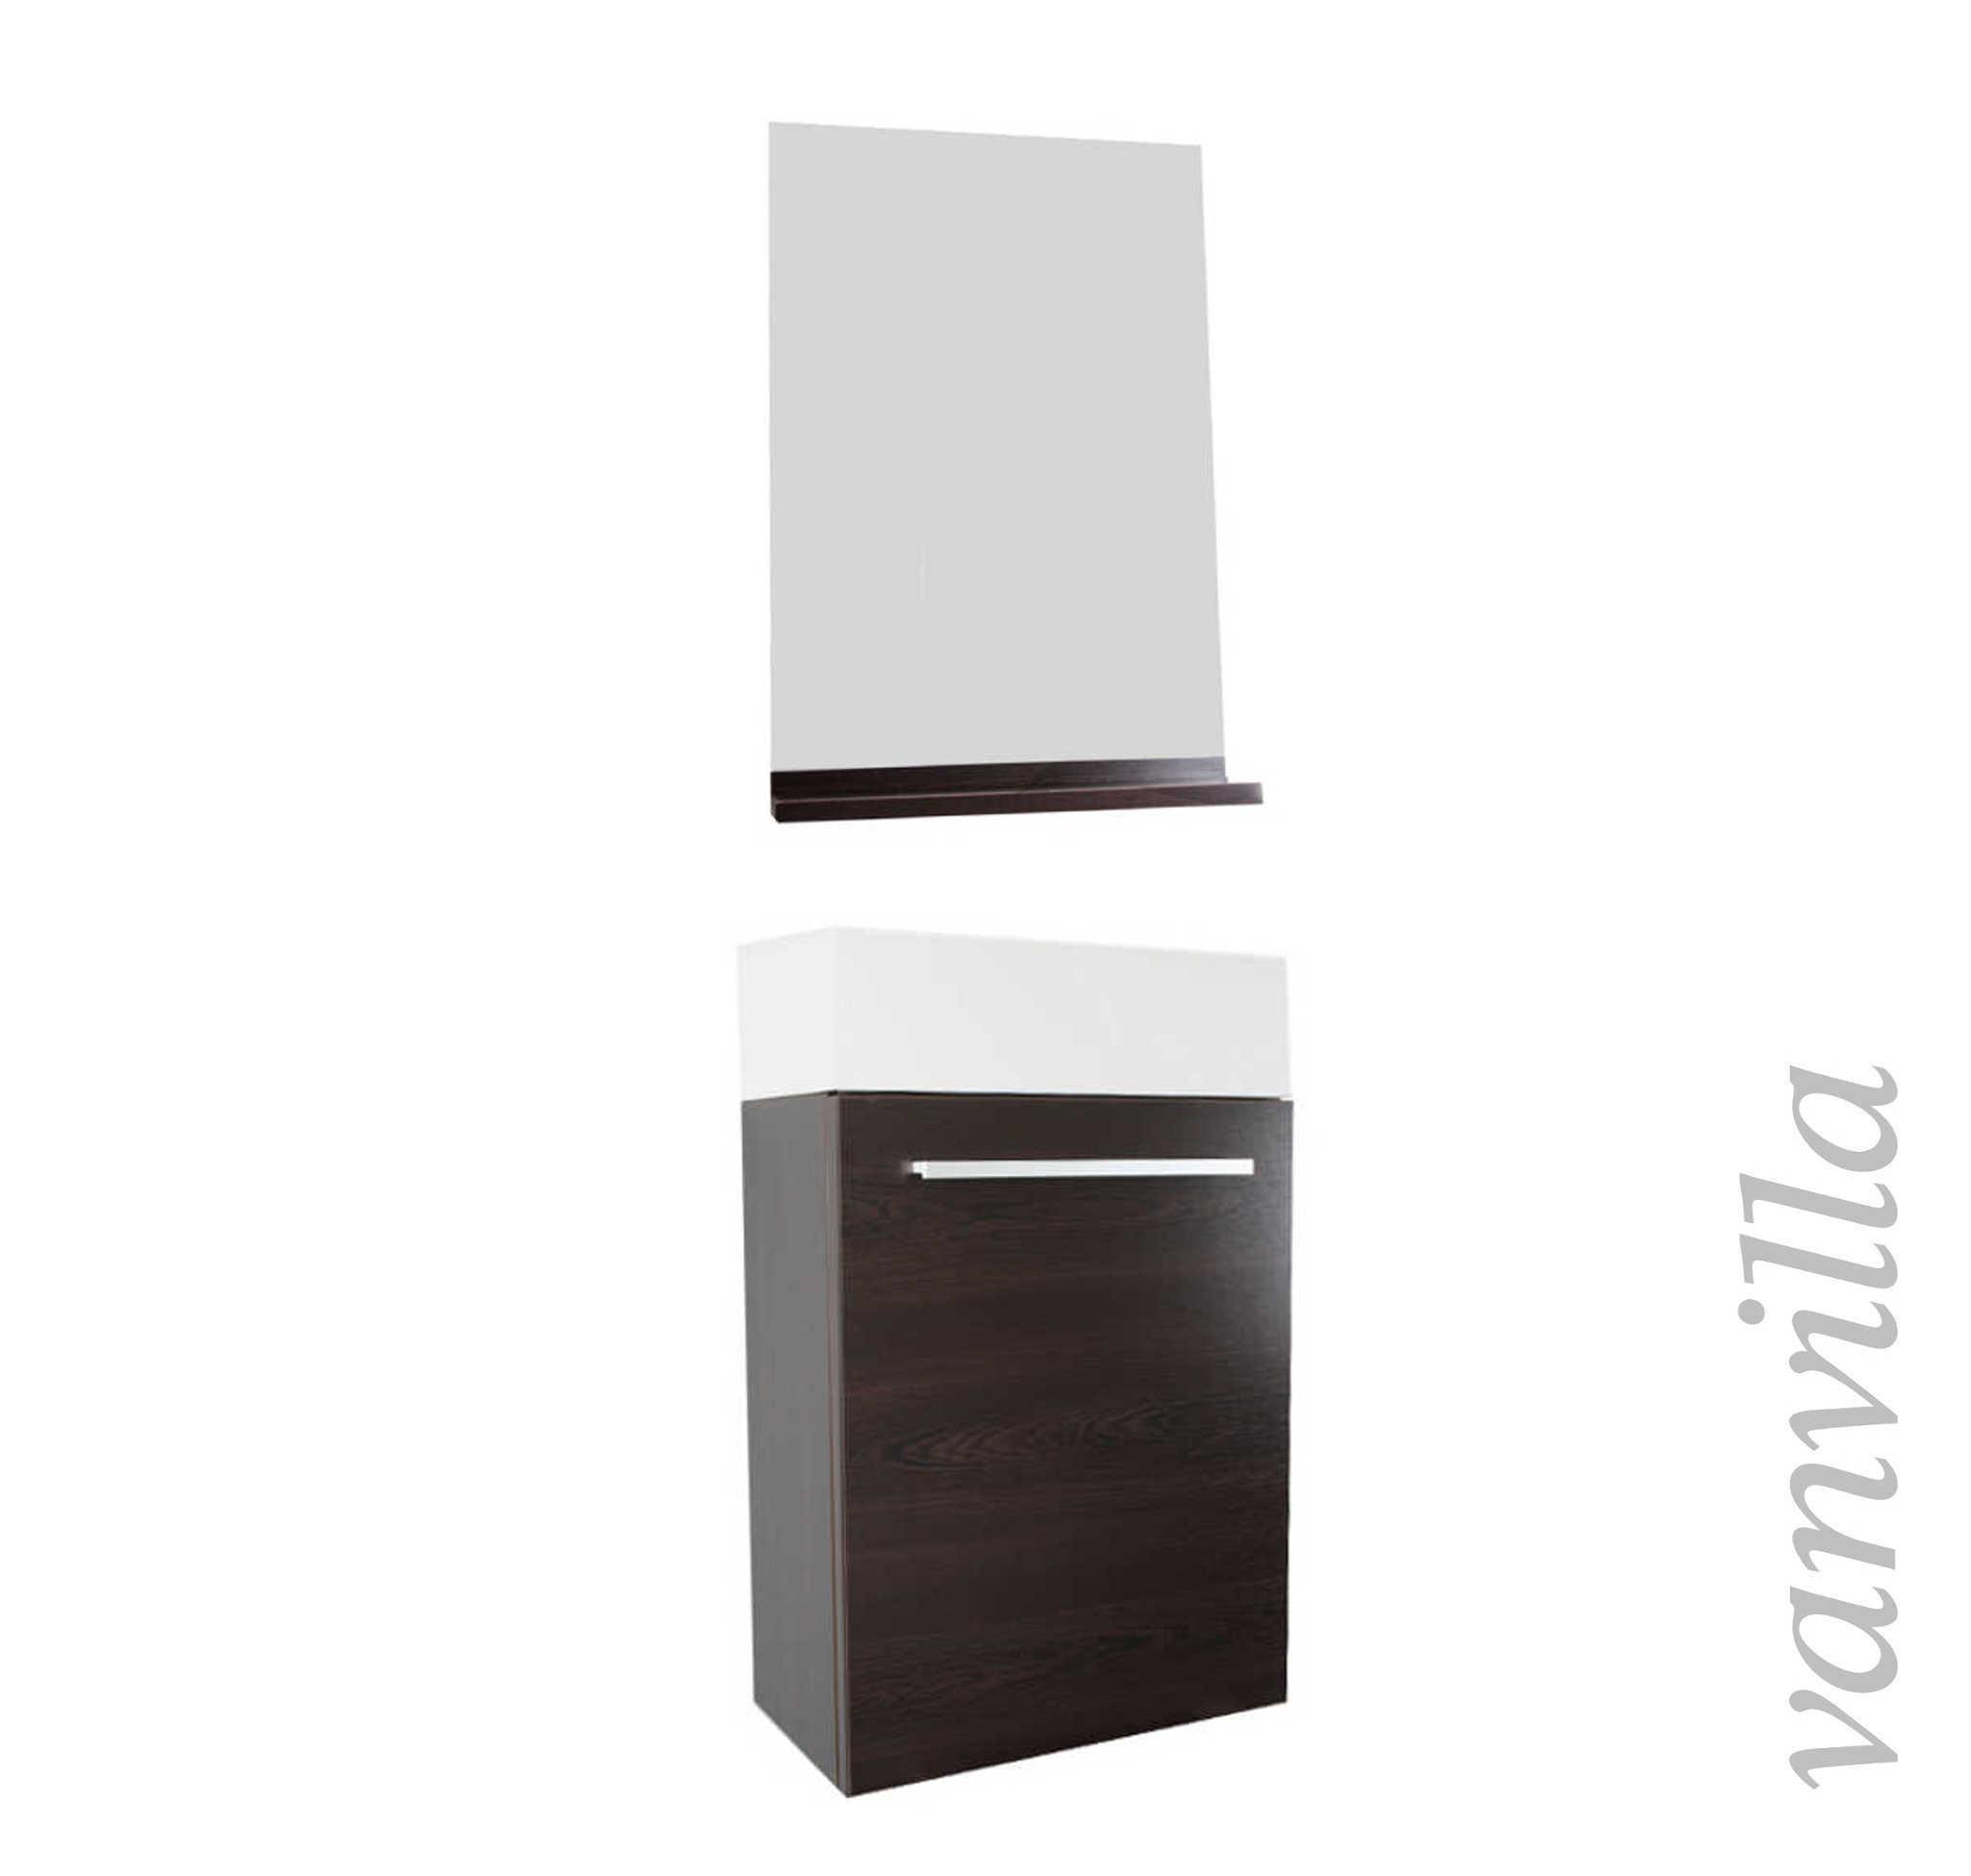 badm bel g ste wc waschtisch spiegel set 6 farben handwaschbecken ebay. Black Bedroom Furniture Sets. Home Design Ideas